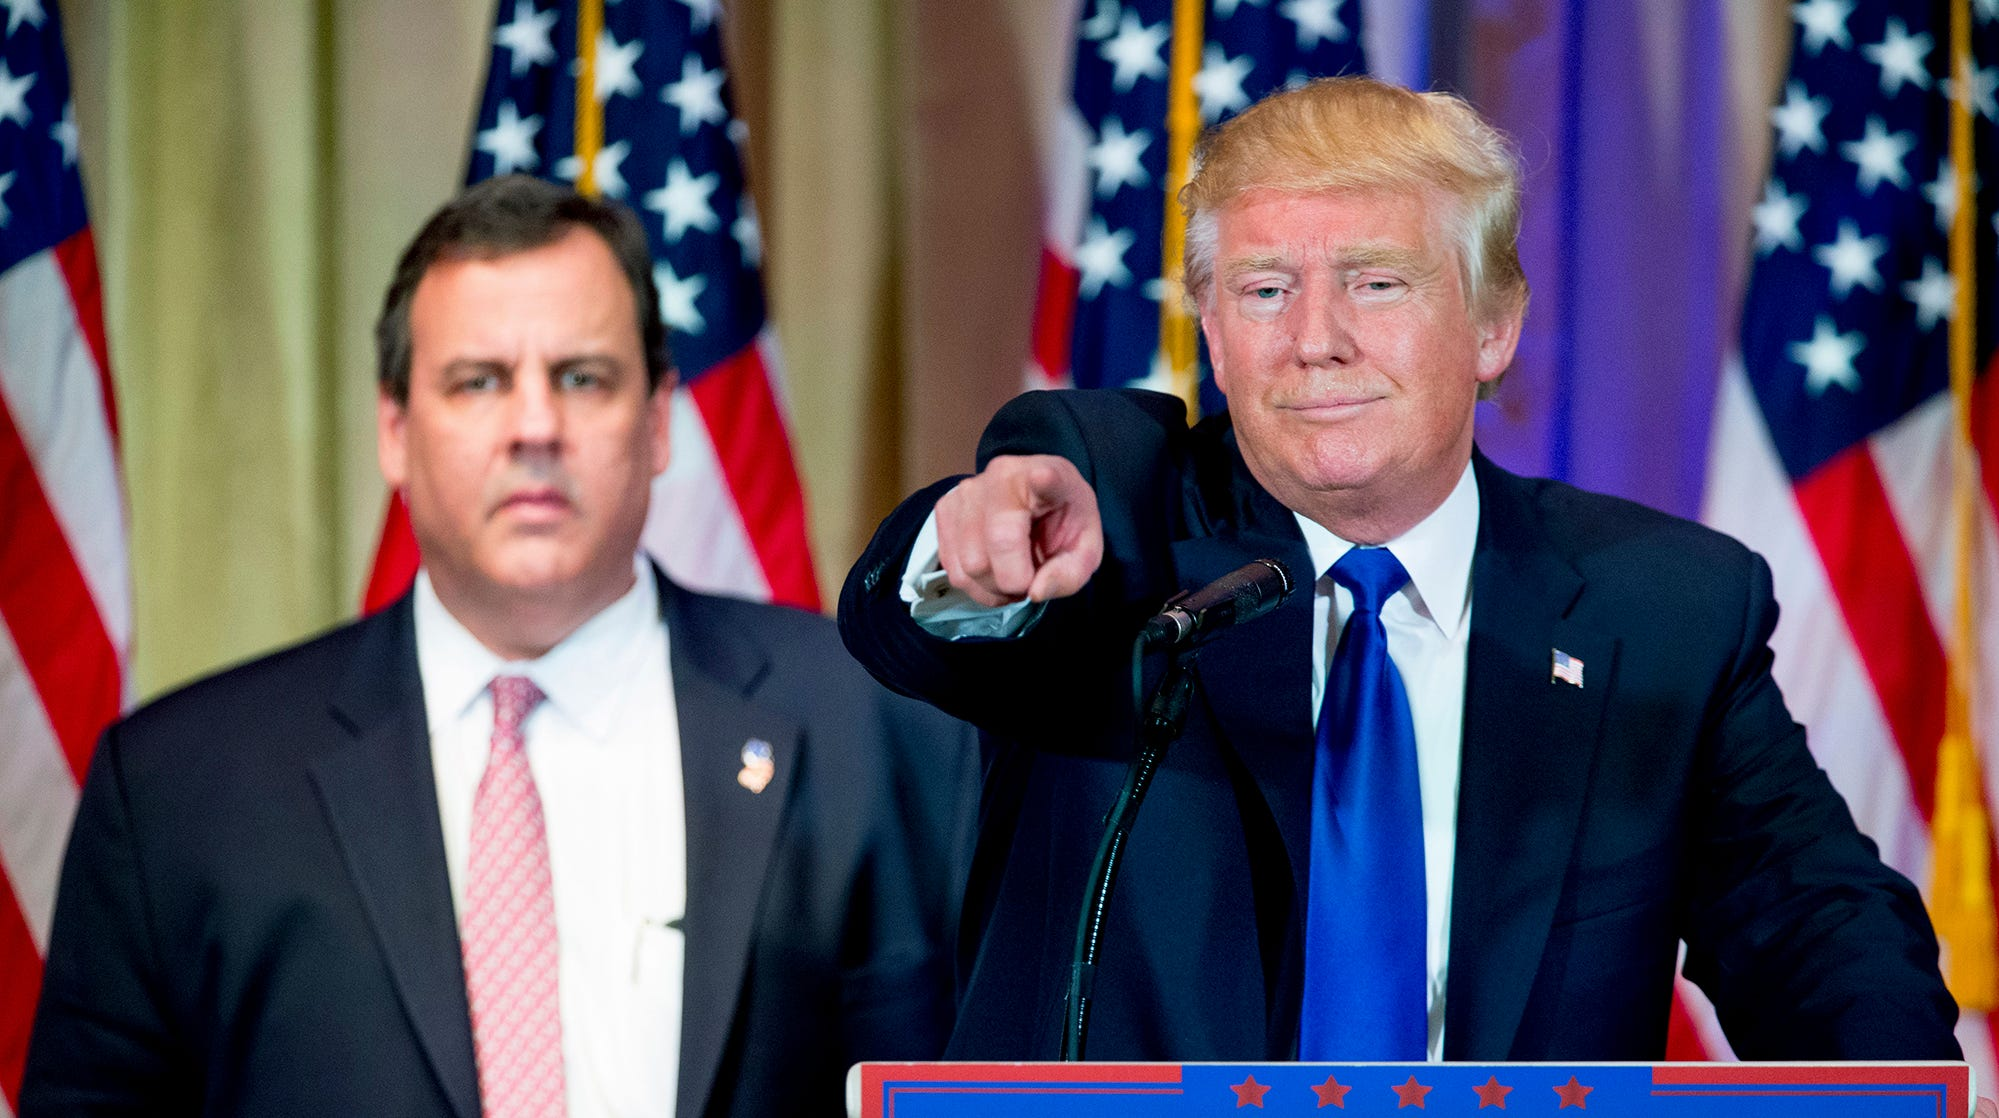 Image result for Chris Christie, photos, donald trump